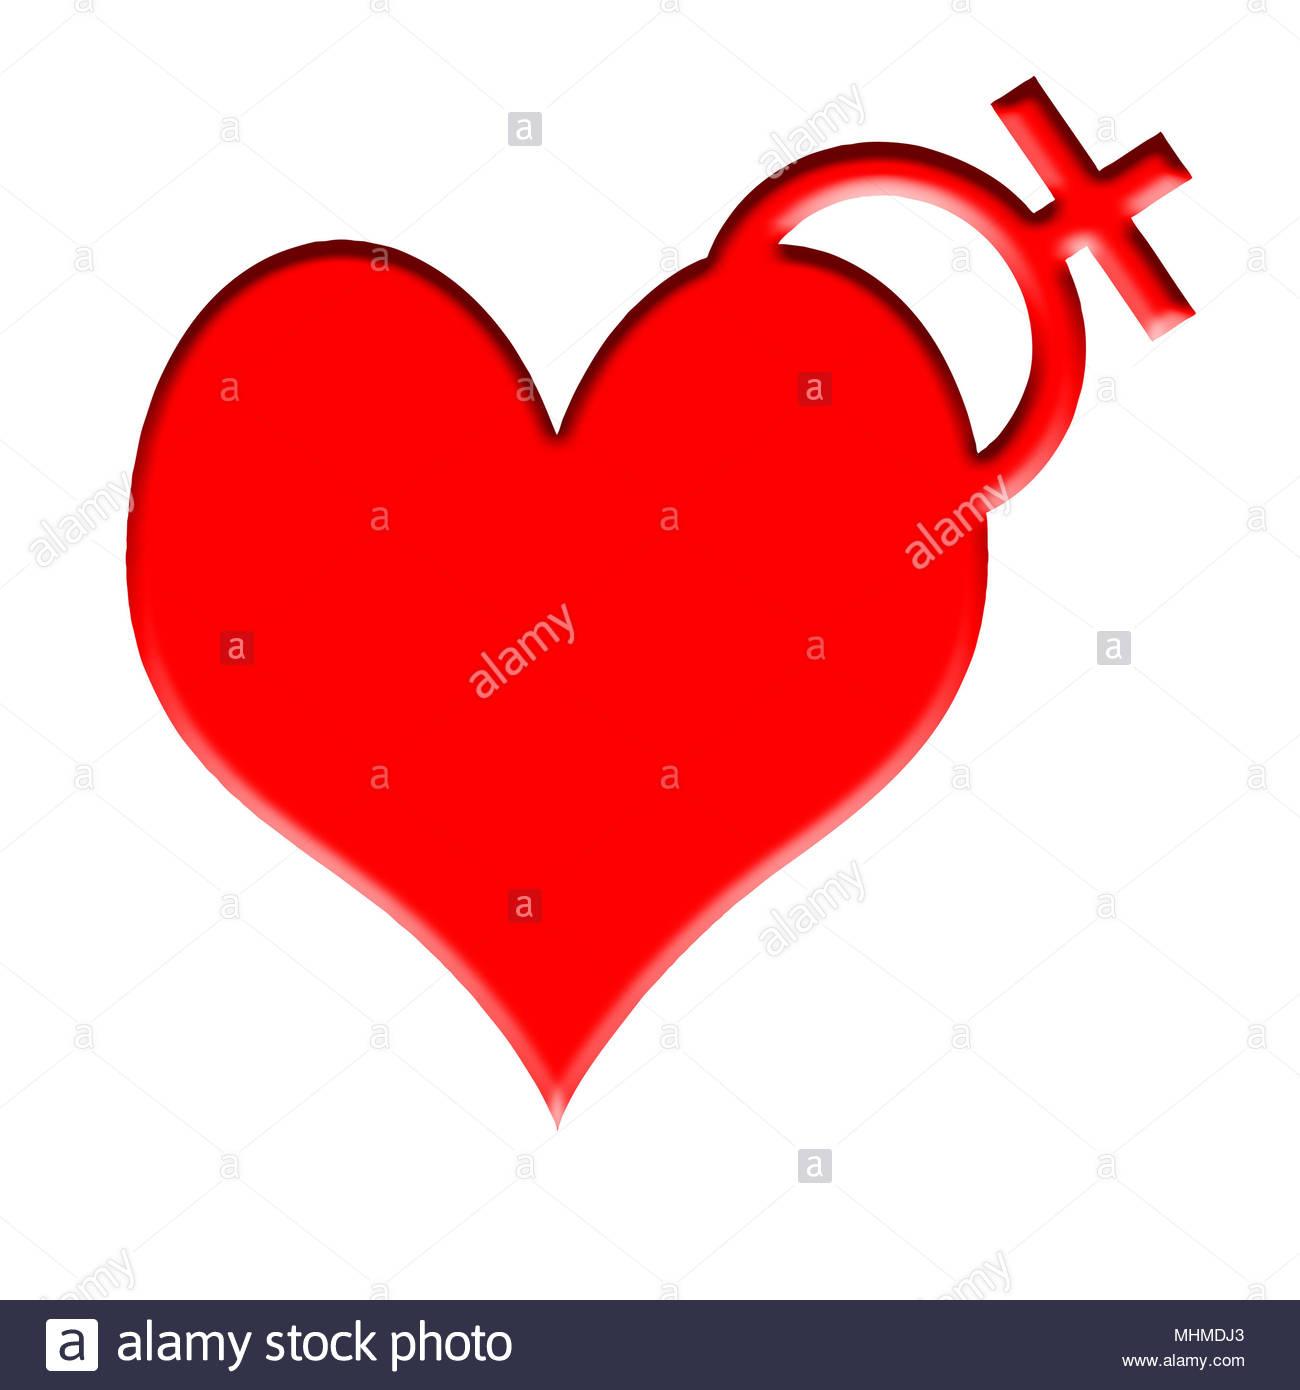 Digital composite Herz mit einem weiblichen Symbol - viele kranzartige Probleme und andere Krankheiten sind häufiger in ein Geschlecht als das andere. Trotz dieser Stockbild